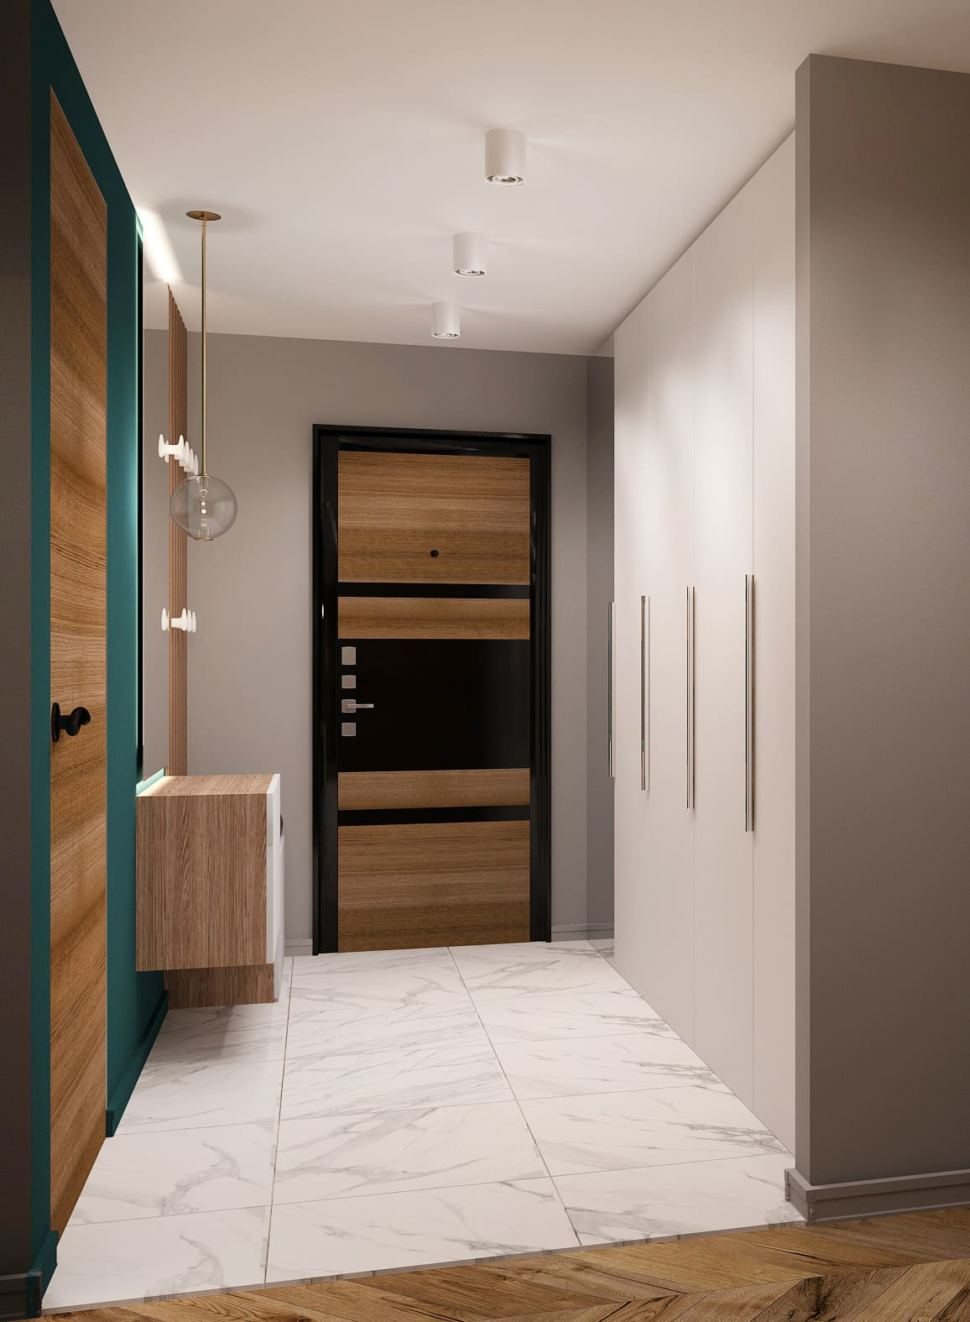 Визуализация прихожей в бирюзовых тонах 7 кв.м, белый шкаф, накладные светильники, зеркало, белая тумба, плитка